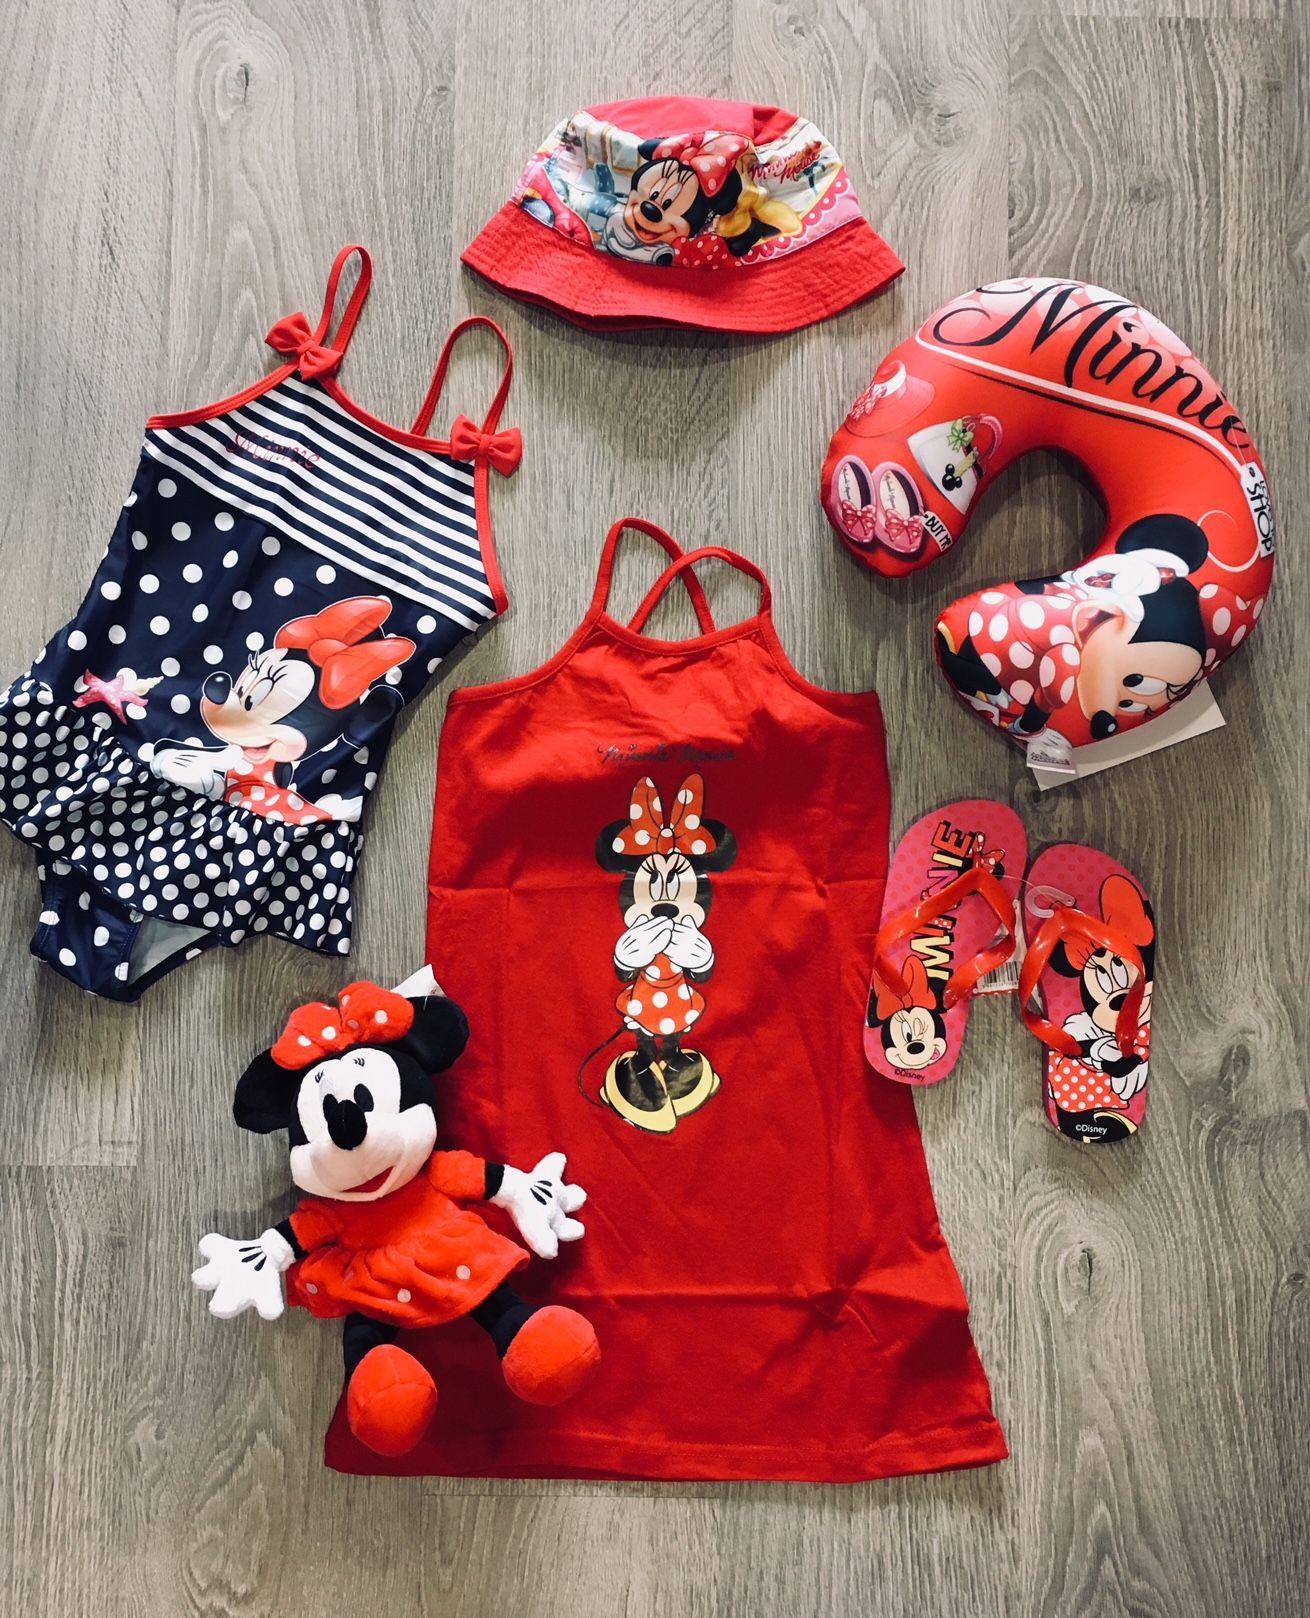 4e33e199d0d8 úžastné dievčenské šaty Minnie mouse